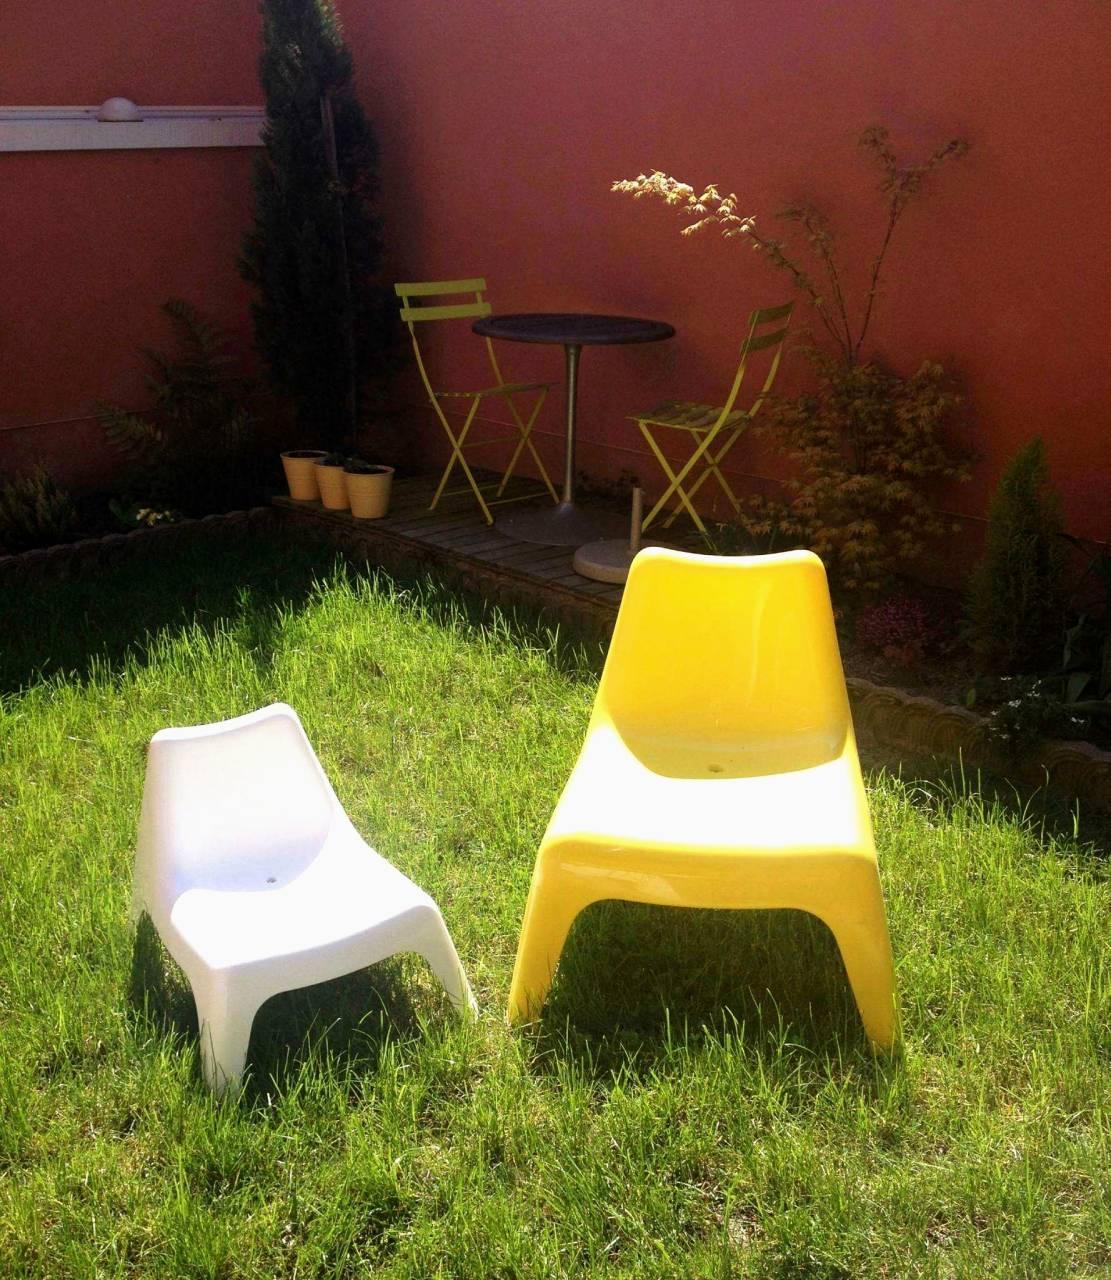 Housse Salon De Jardin Brico Depot - Cabanes Abri Jardin serapportantà Incinérateur Jardin Brico Depot